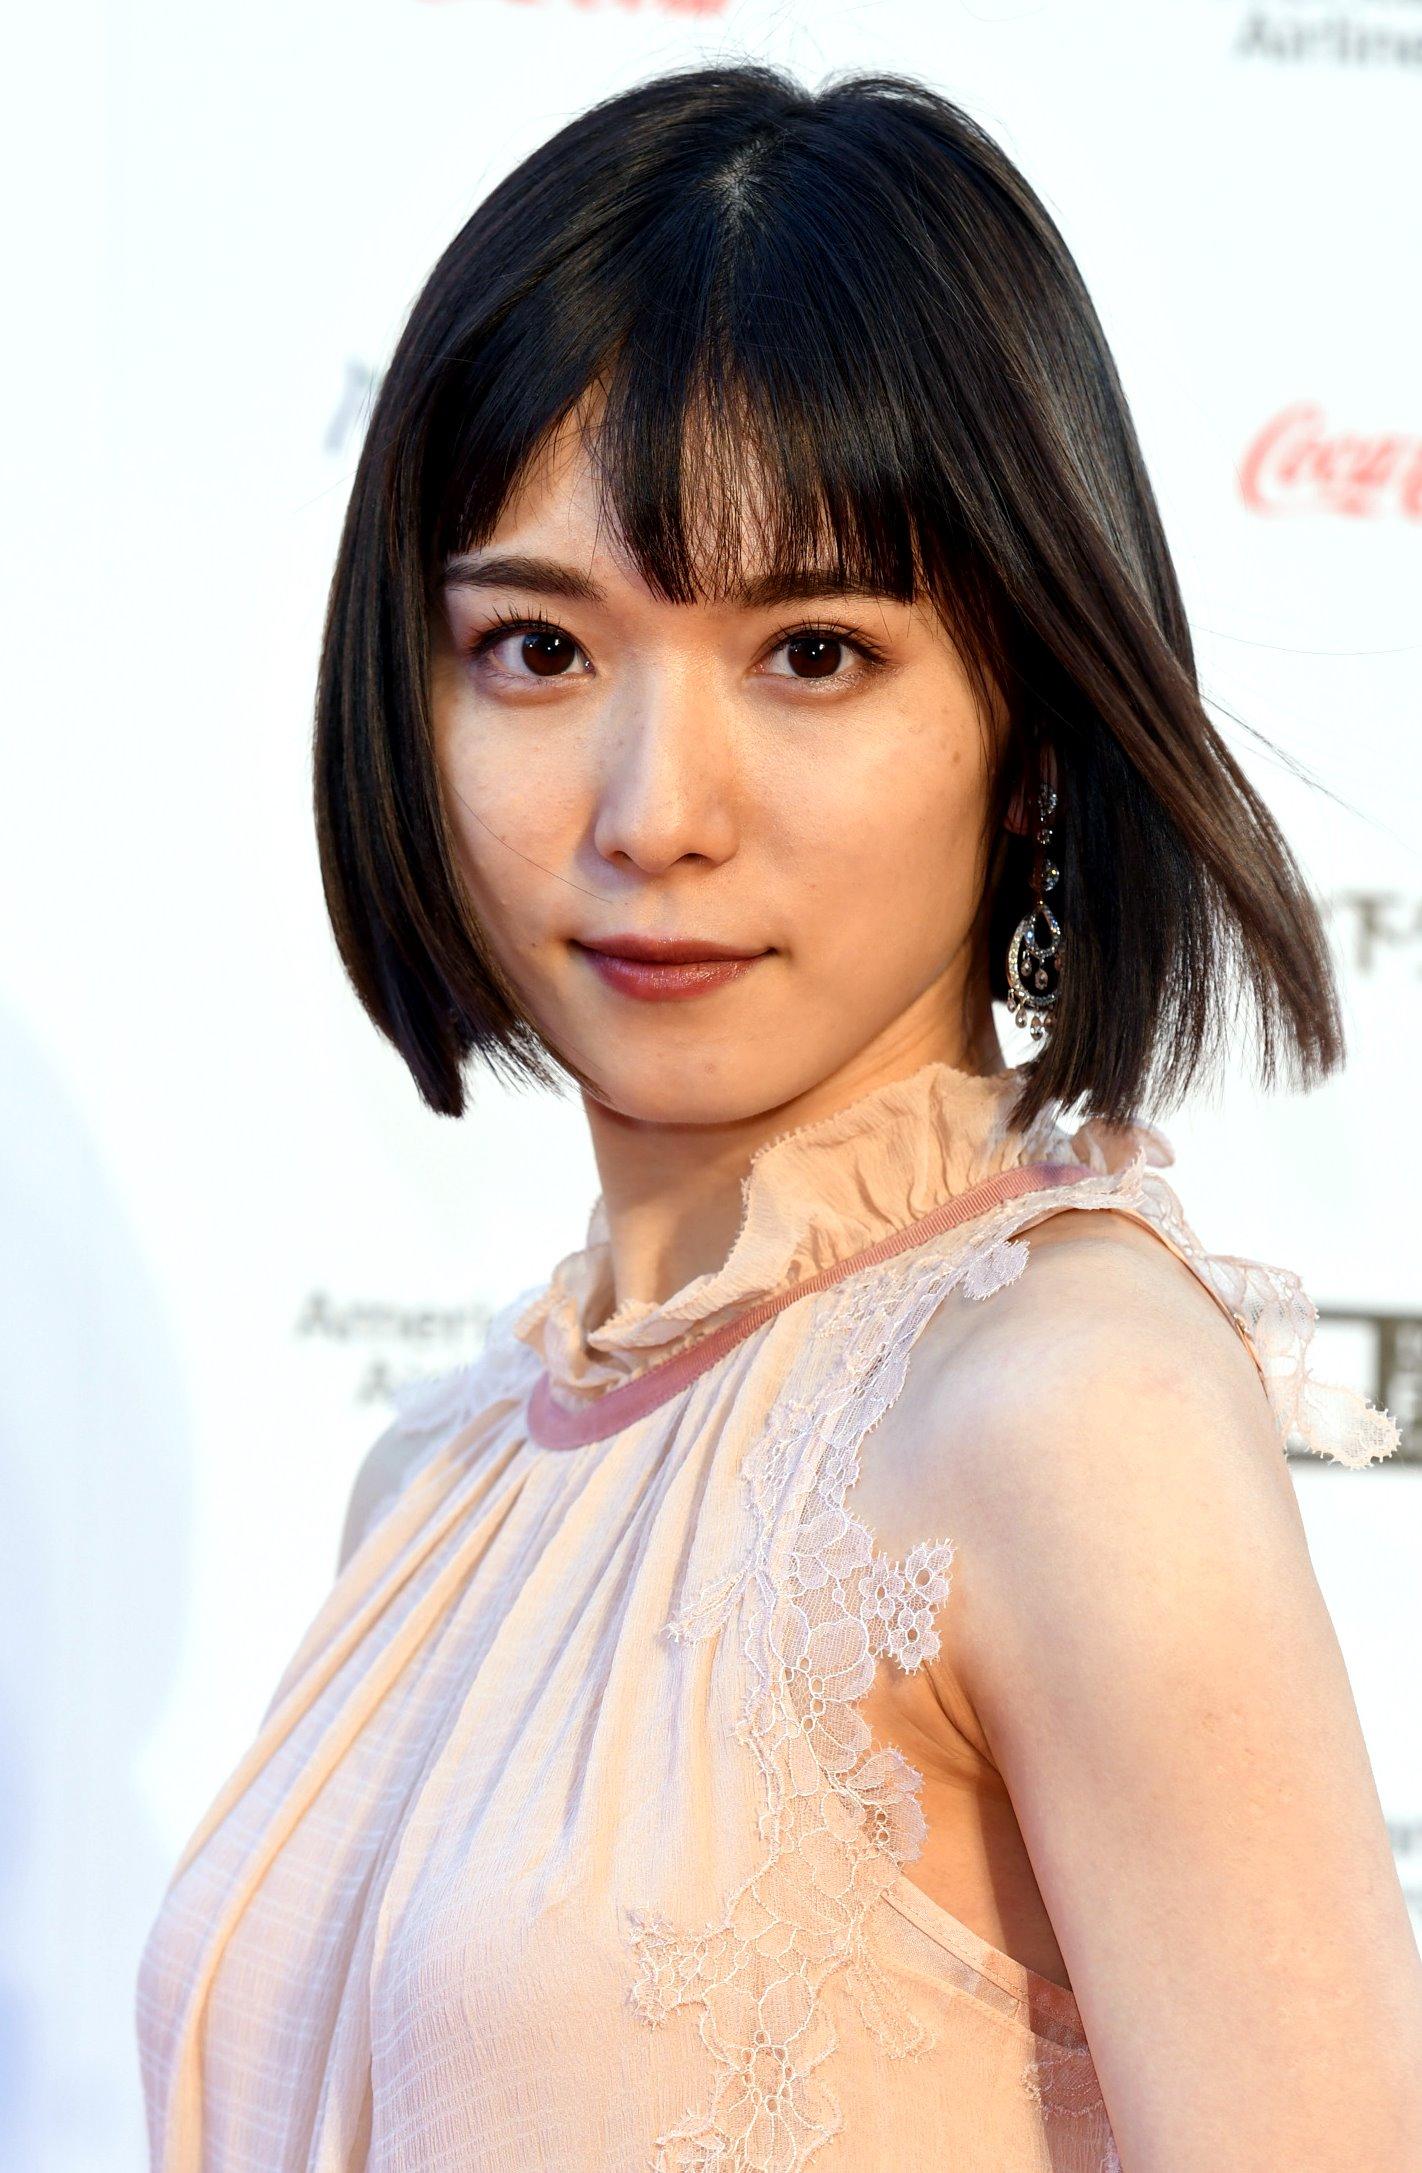 松岡茉優の高画質腋毛 (1)